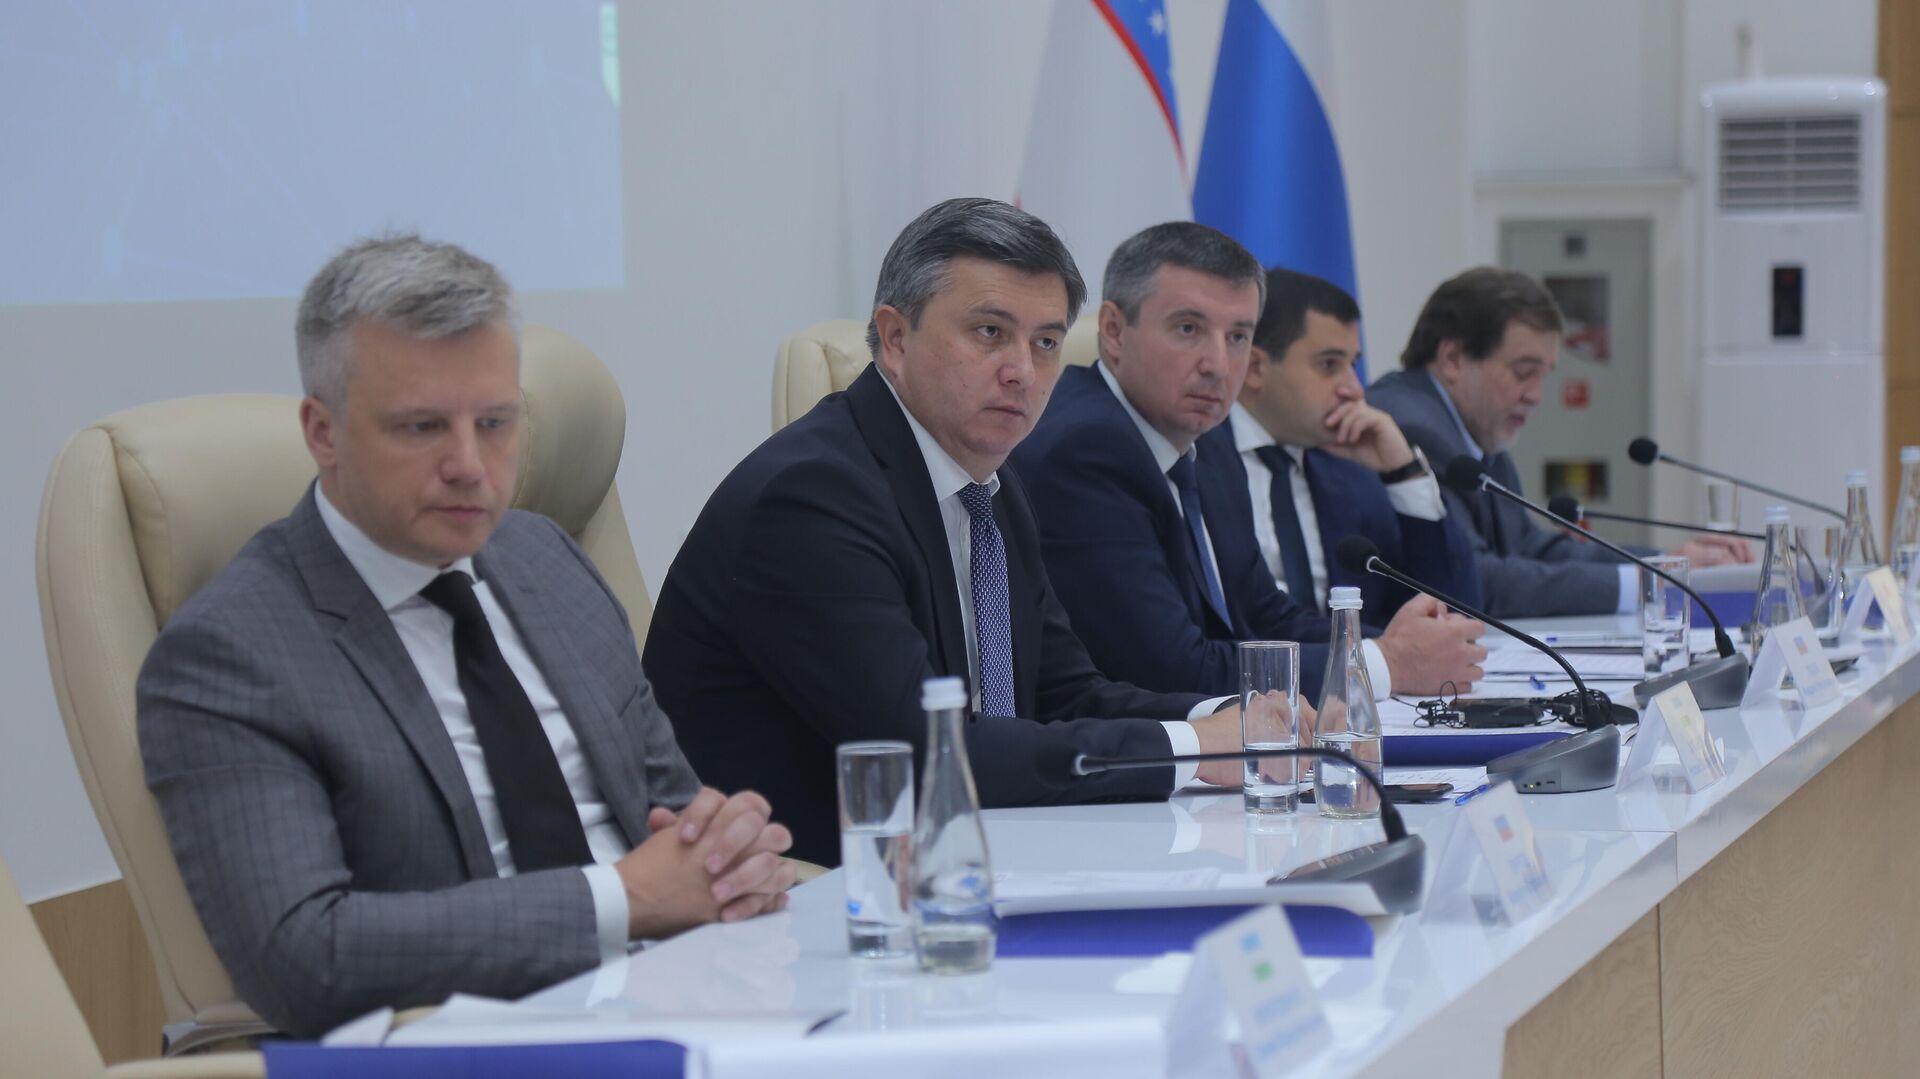 Vizit delegatsii Mintruda RF v Uzbekistan - Sputnik Oʻzbekiston, 1920, 11.09.2021